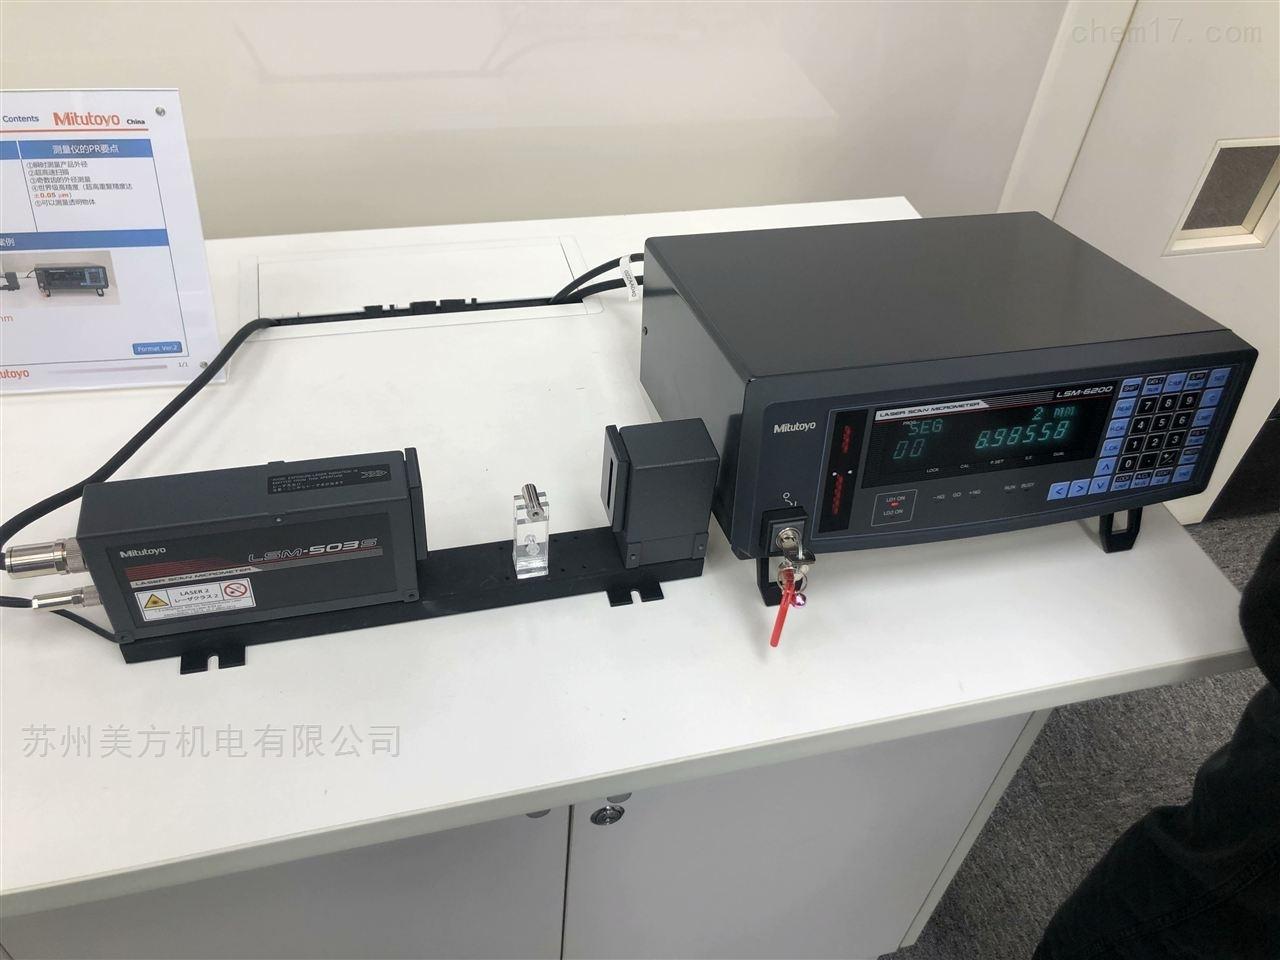 LSM-503S三丰非接触高精度激光测径仪